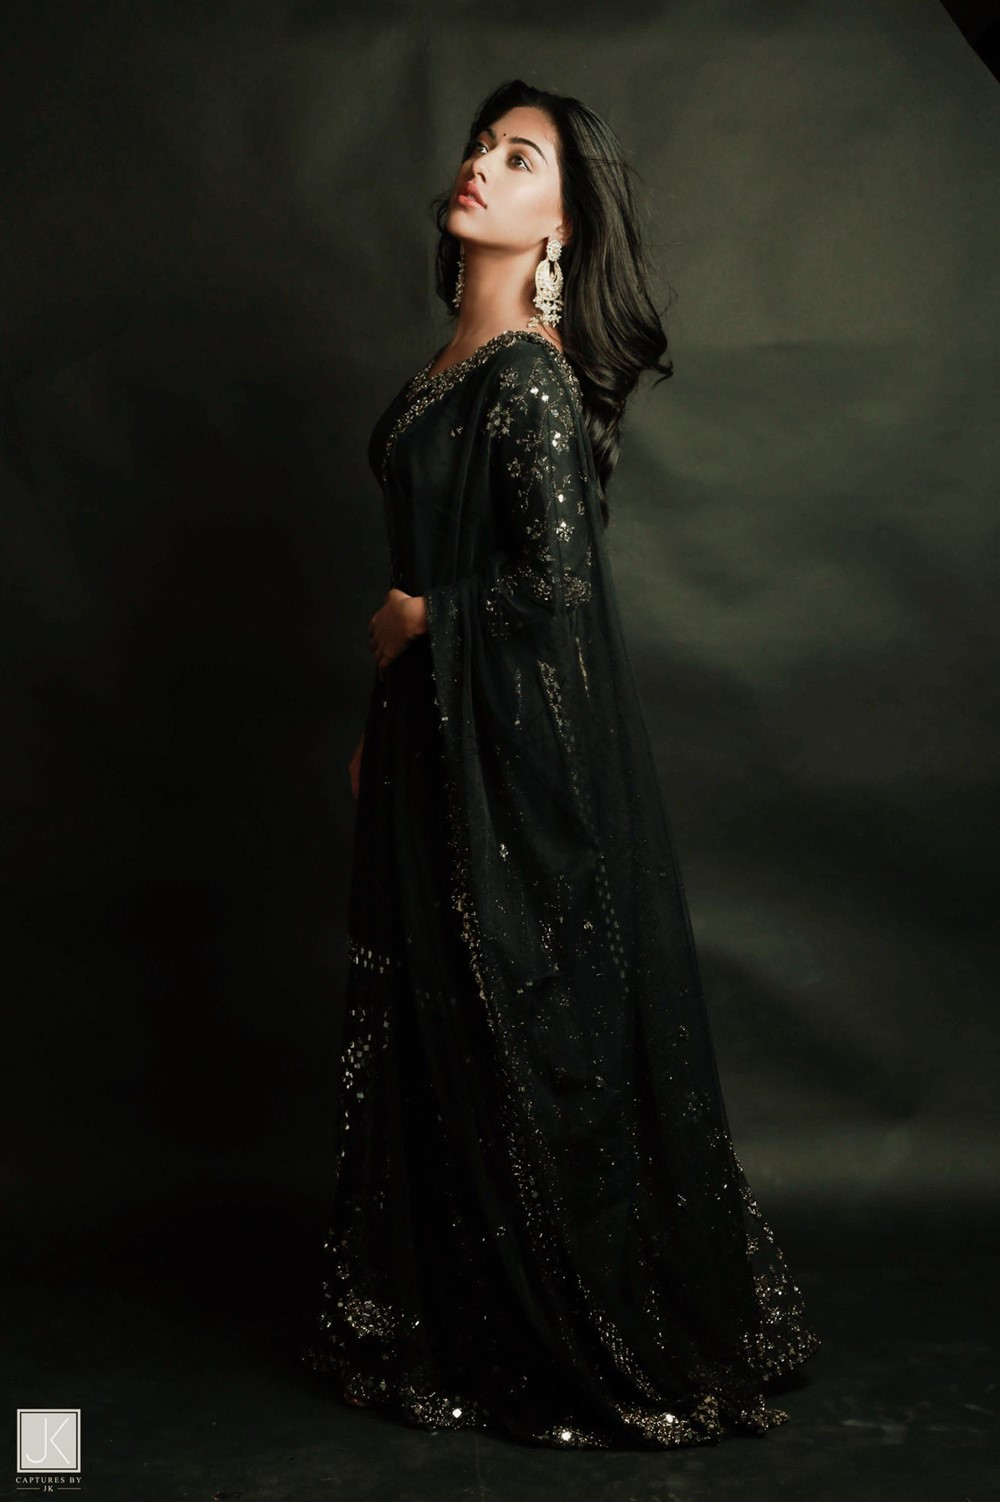 Actress Anu Emmanuel Photoshoot Images